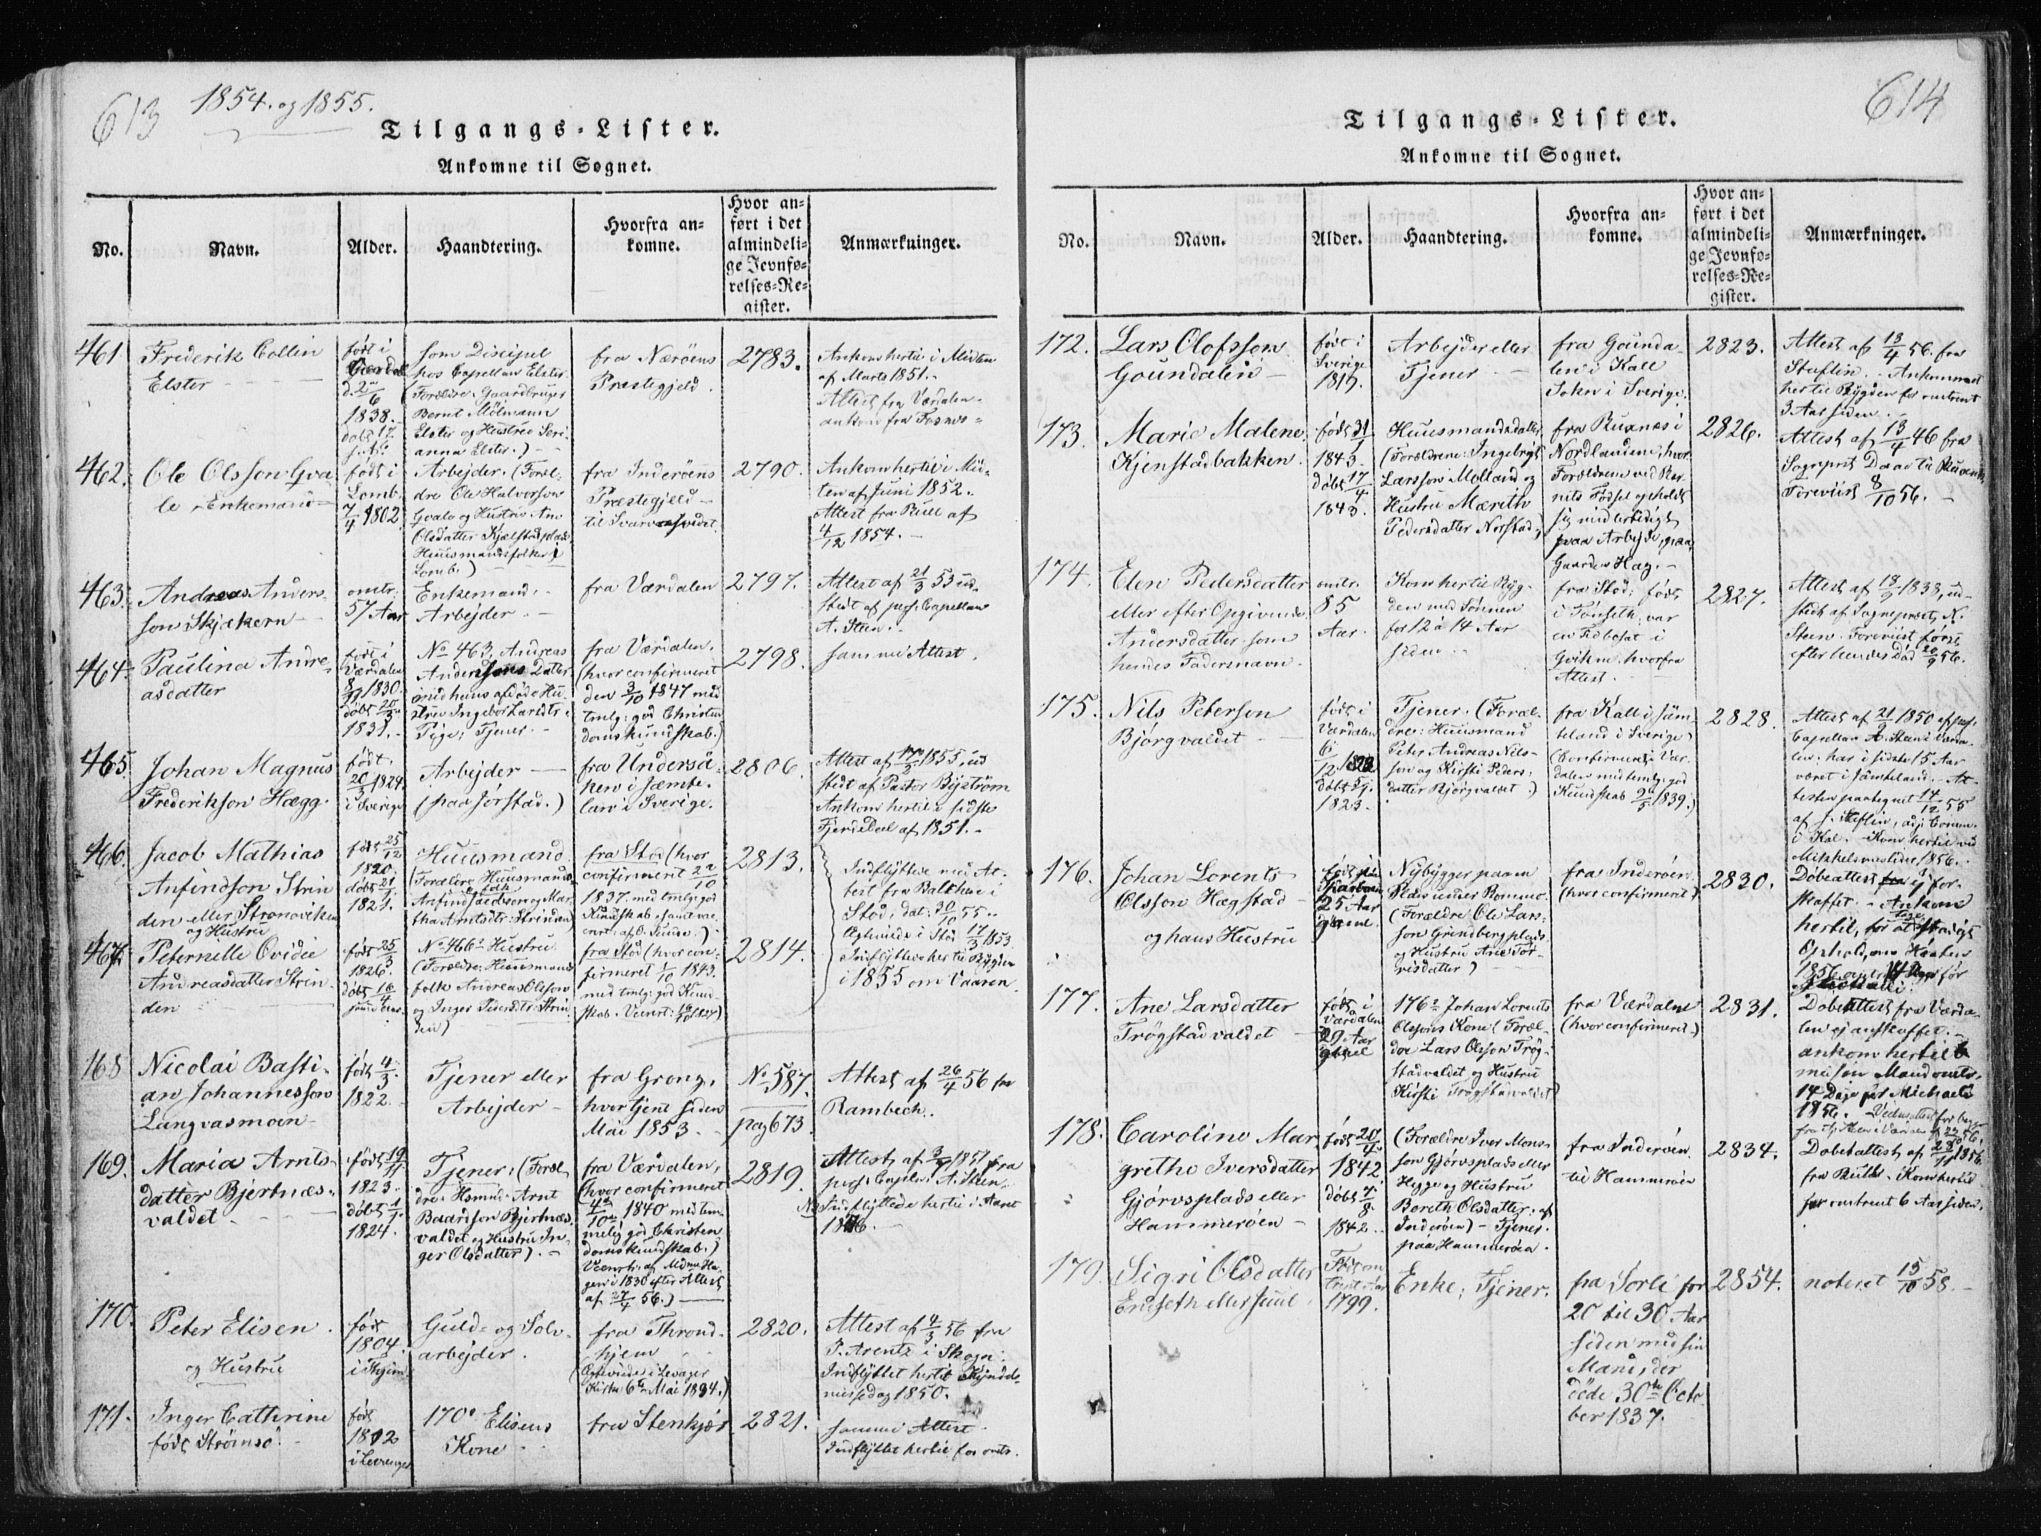 SAT, Ministerialprotokoller, klokkerbøker og fødselsregistre - Nord-Trøndelag, 749/L0469: Ministerialbok nr. 749A03, 1817-1857, s. 613-614